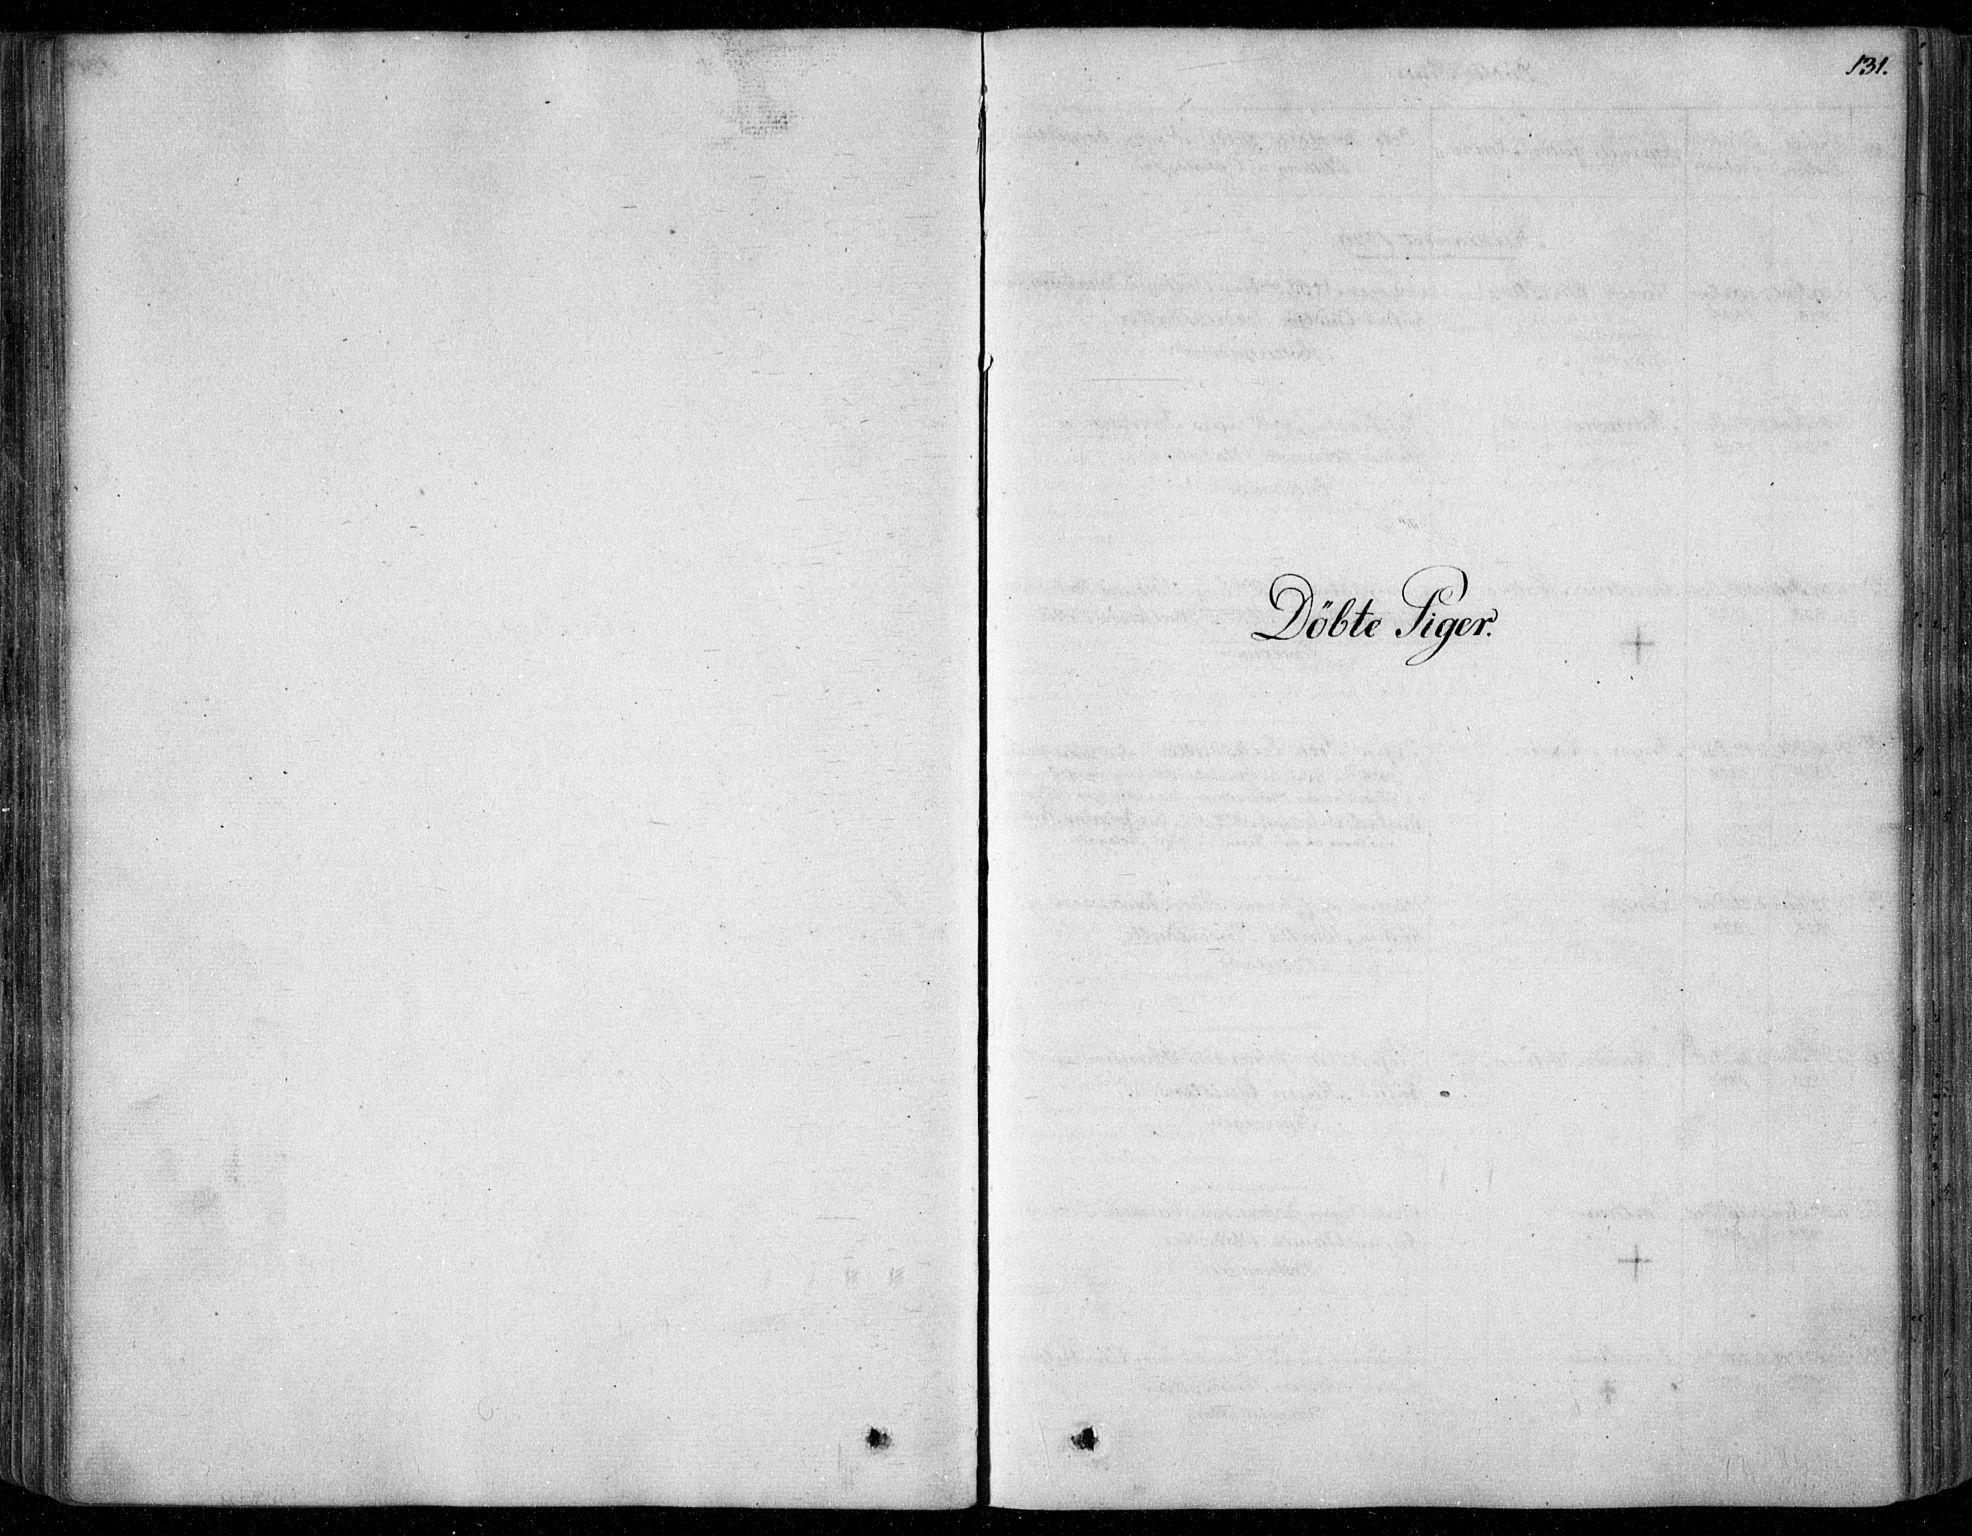 SAO, Garnisonsmenigheten Kirkebøker, F/Fa/L0006: Ministerialbok nr. 6, 1828-1841, s. 131